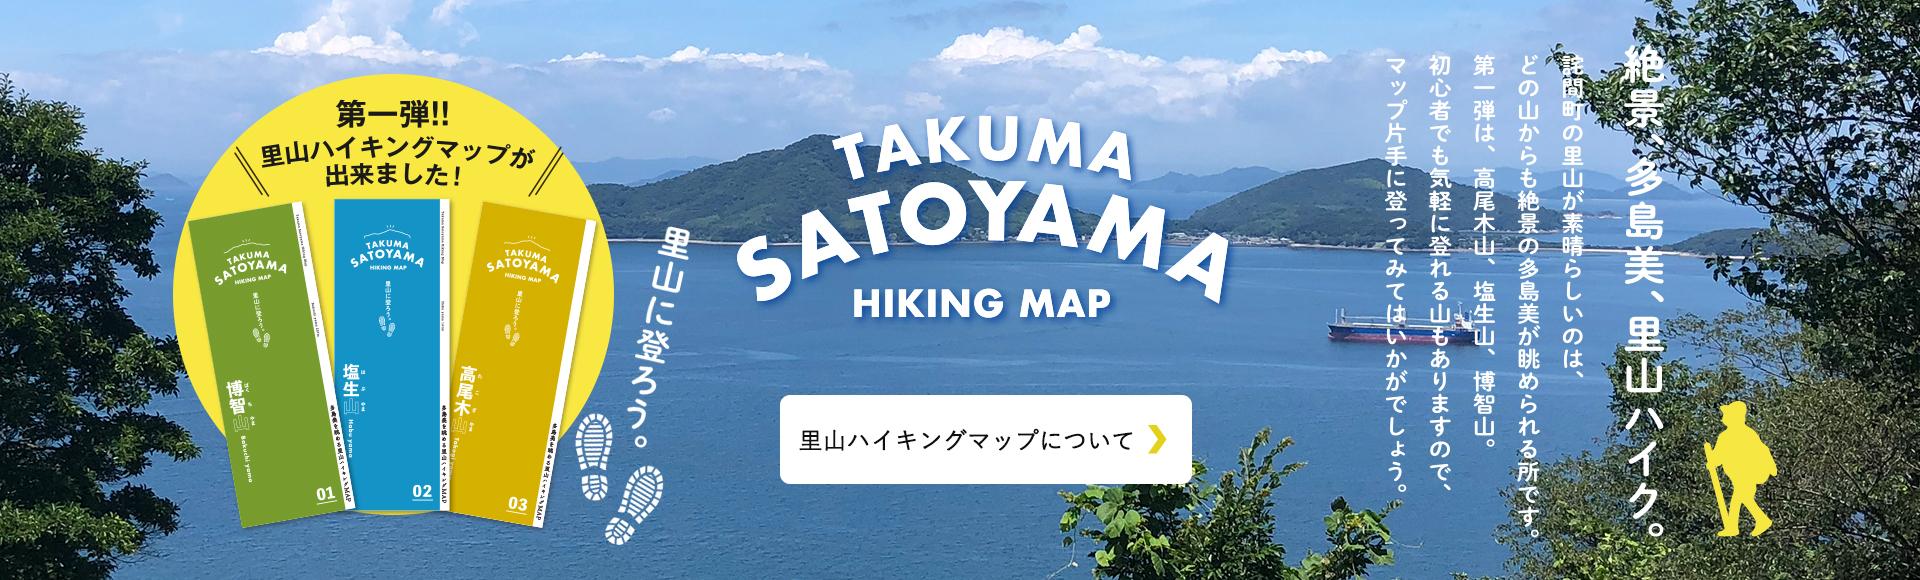 里山マップ